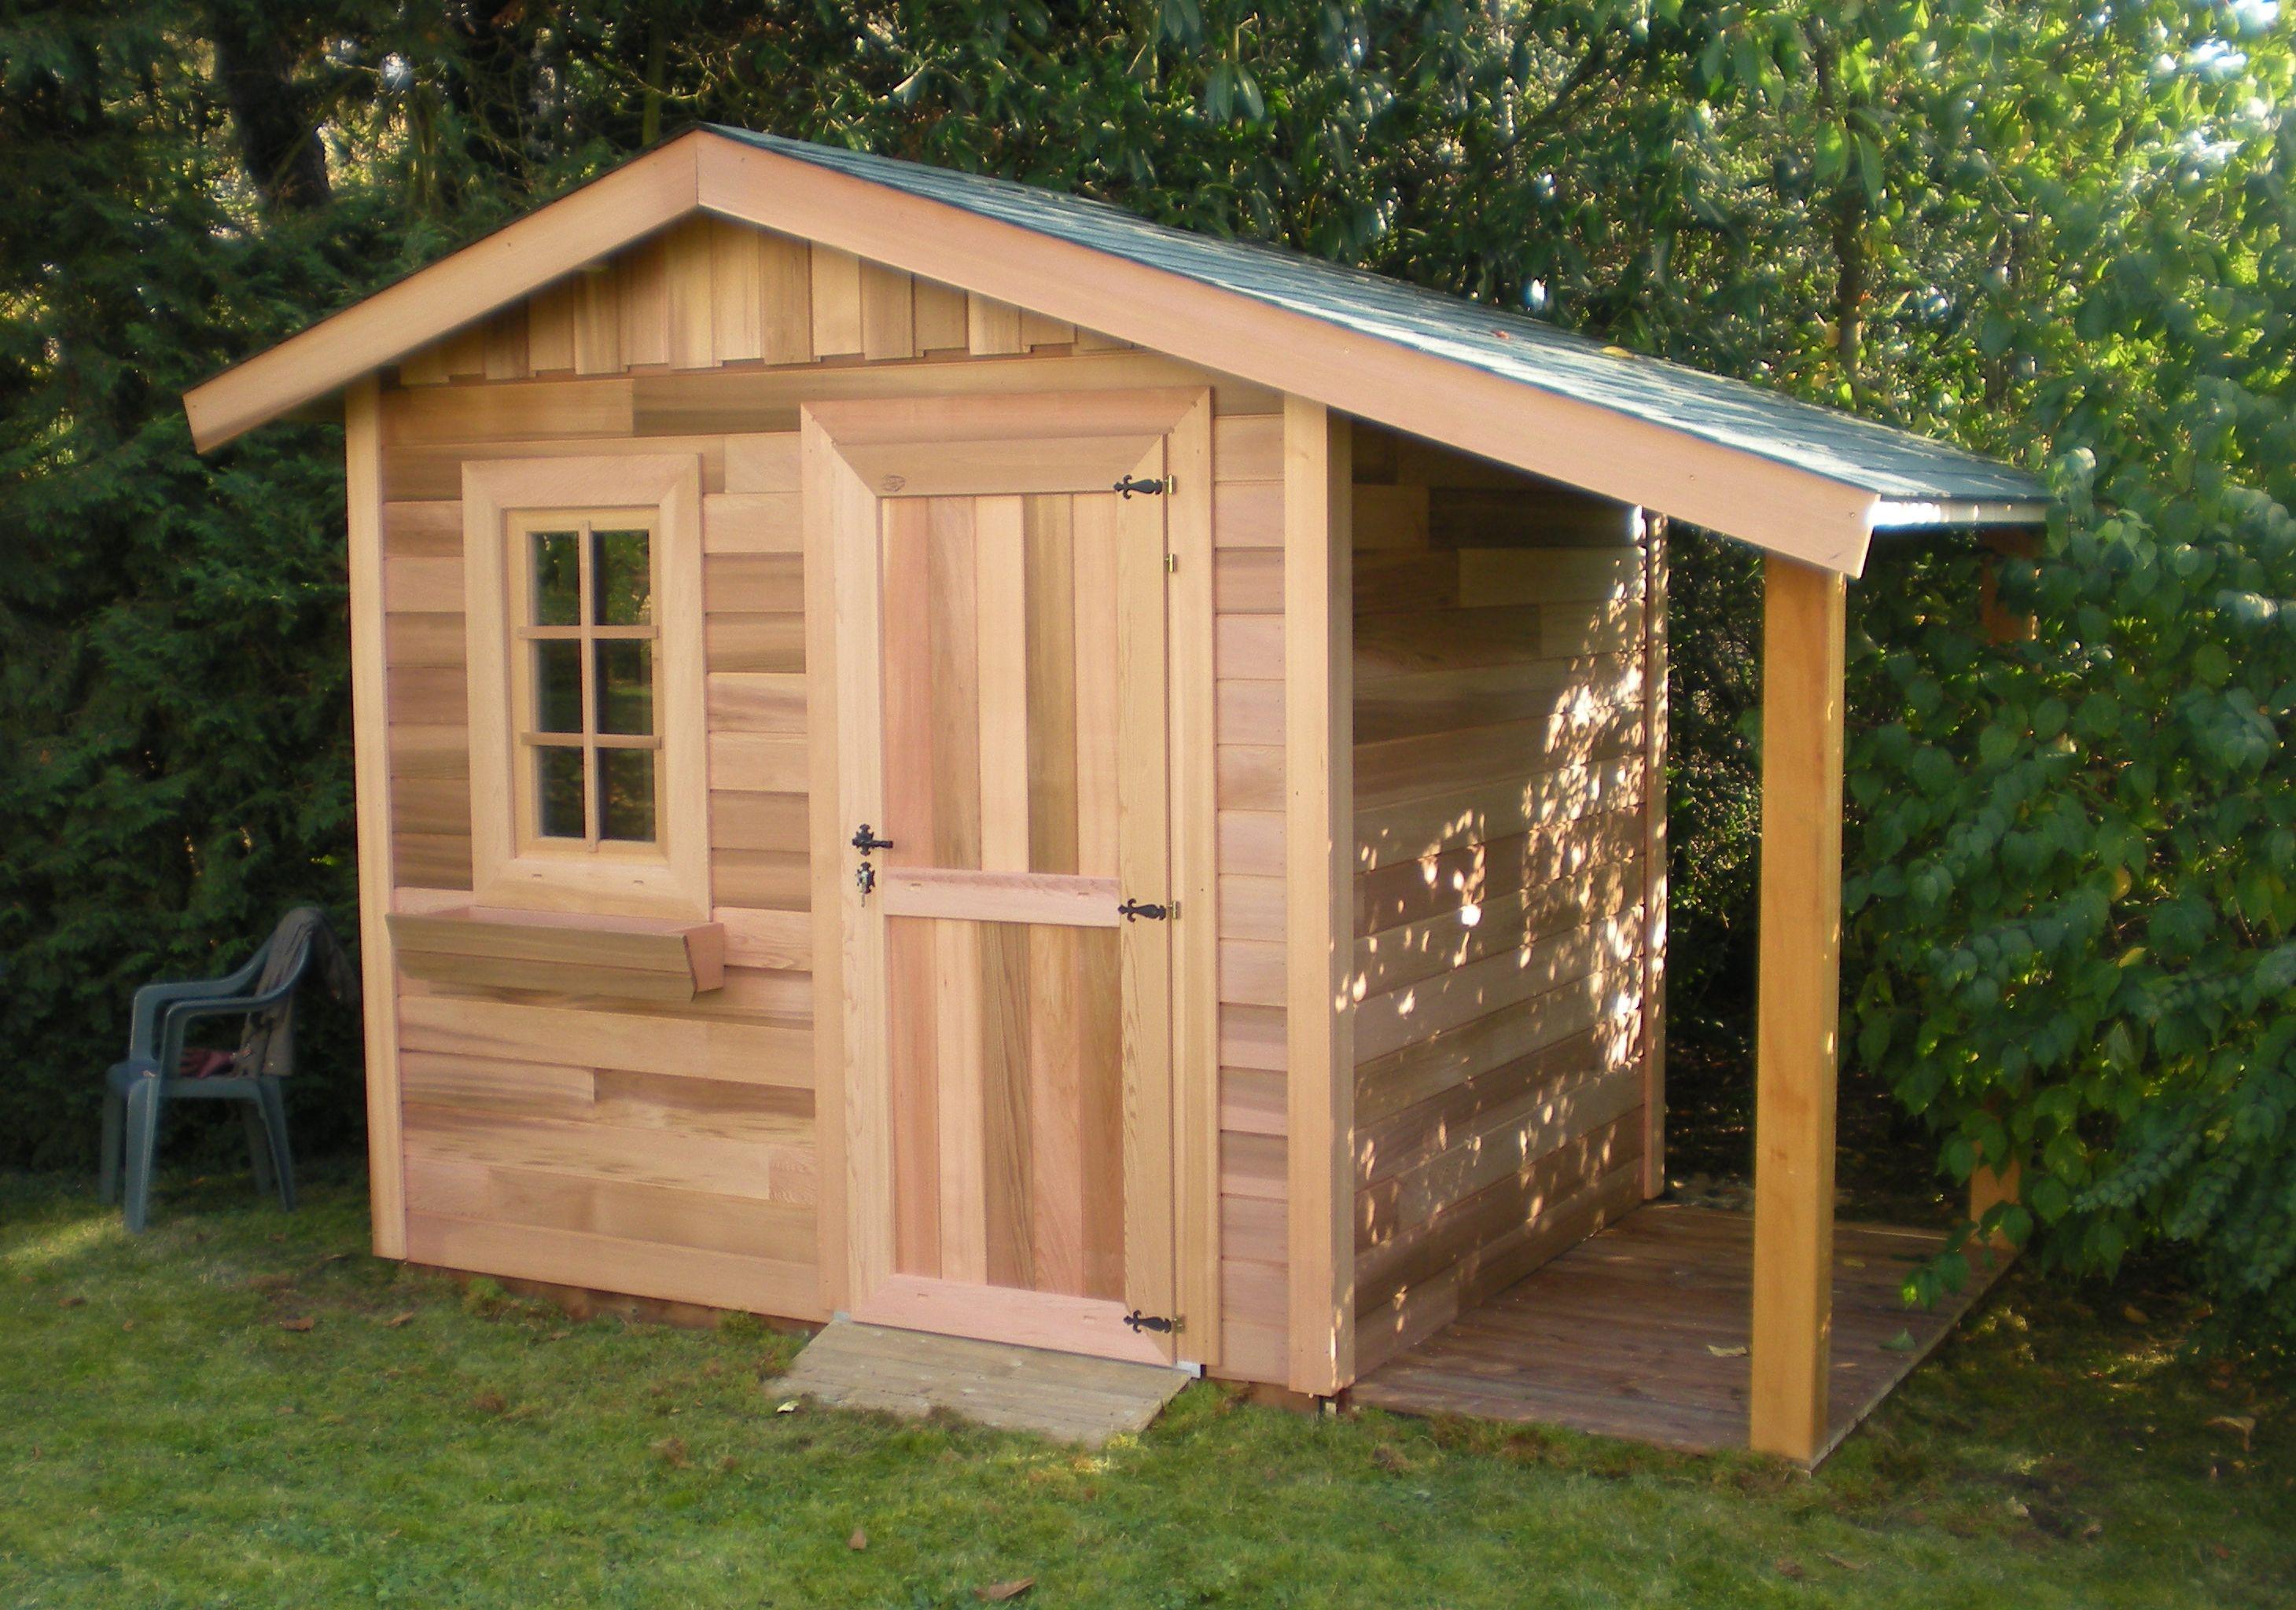 incroyable cabanon de jardin carrefour 4 carport bois brico poulailler pour les animaux. Black Bedroom Furniture Sets. Home Design Ideas